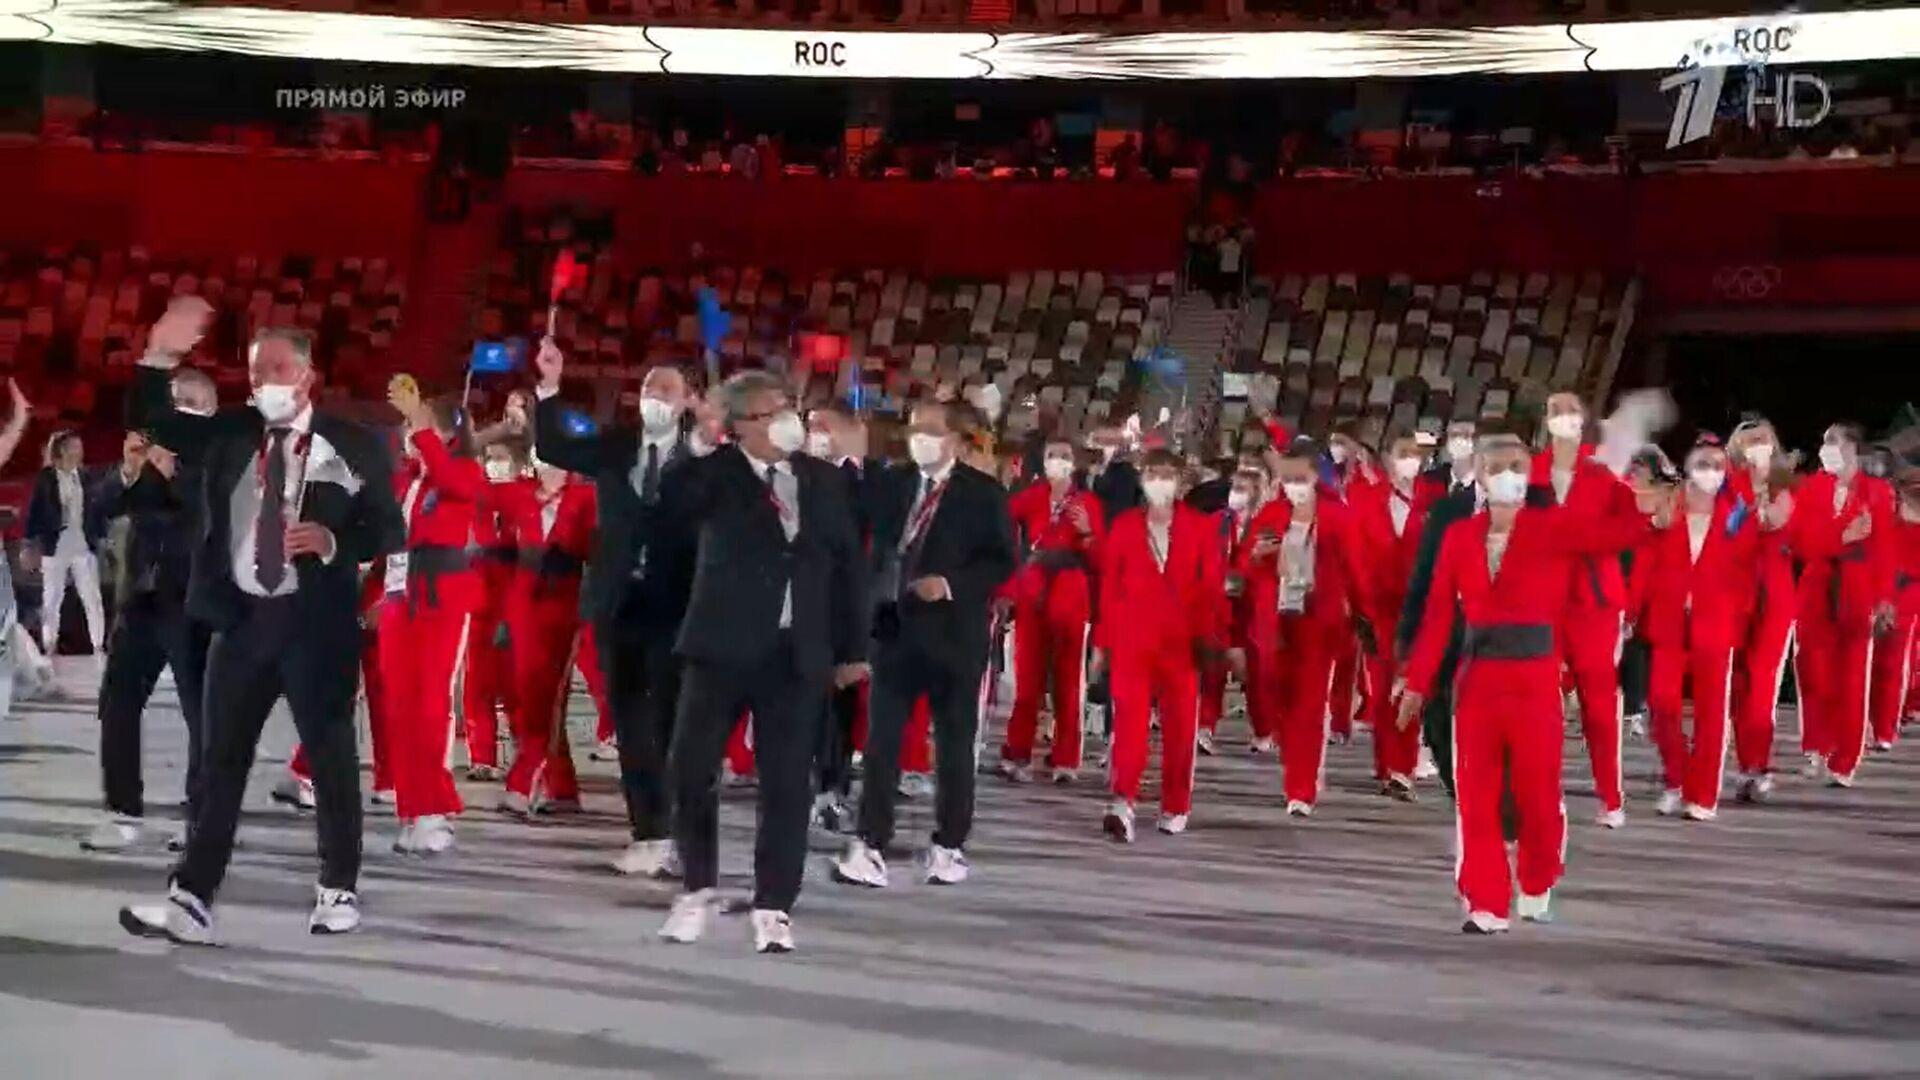 Rosyjska reprezentacja na Igrzyskach Olimpijskich w Tokio - Sputnik Polska, 1920, 10.08.2021